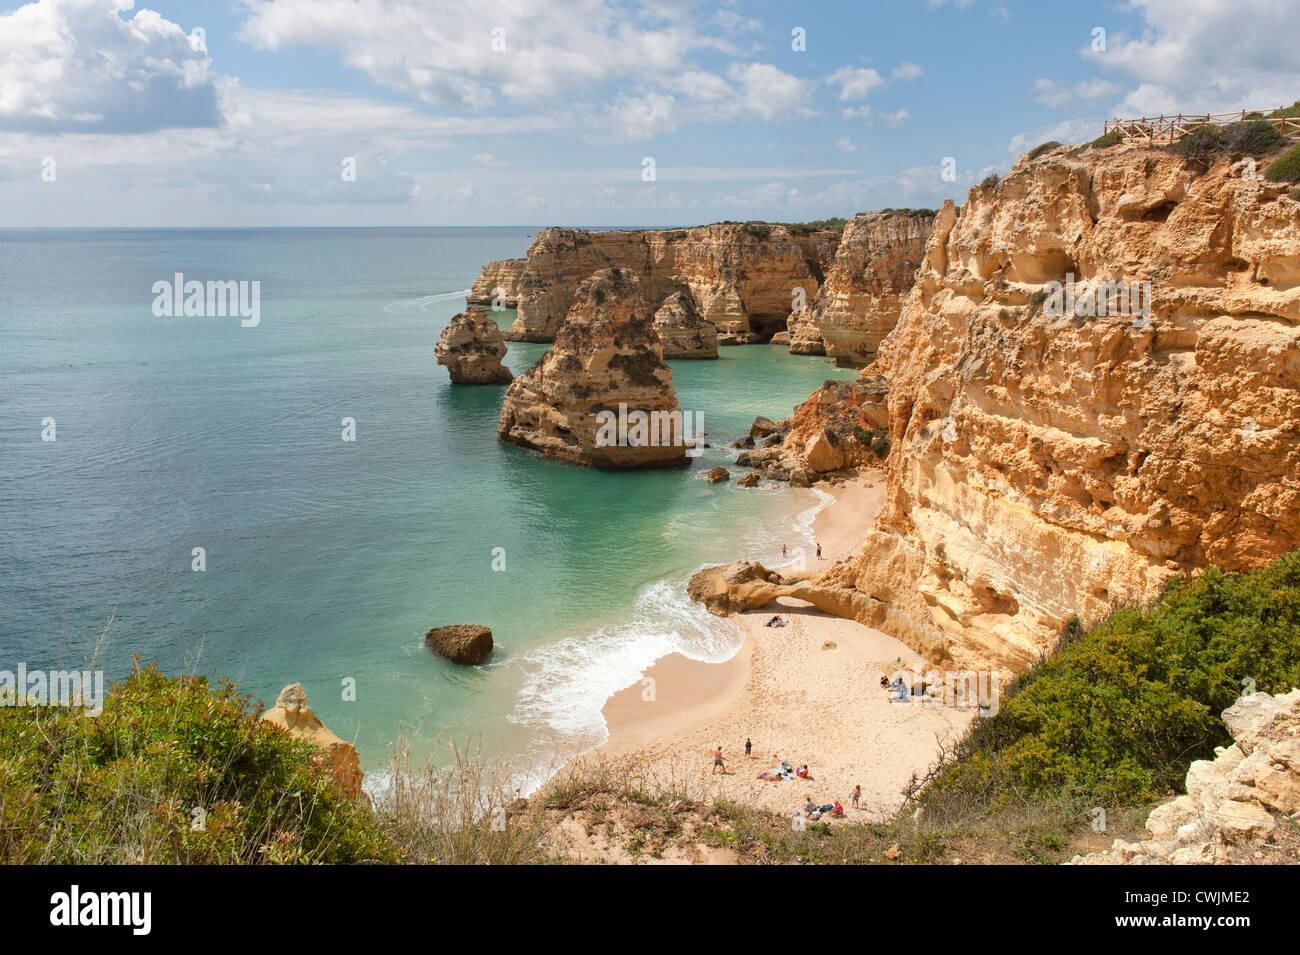 Praia da Marinha, Carvoeiro, Algarve, Portugal Stock Photo